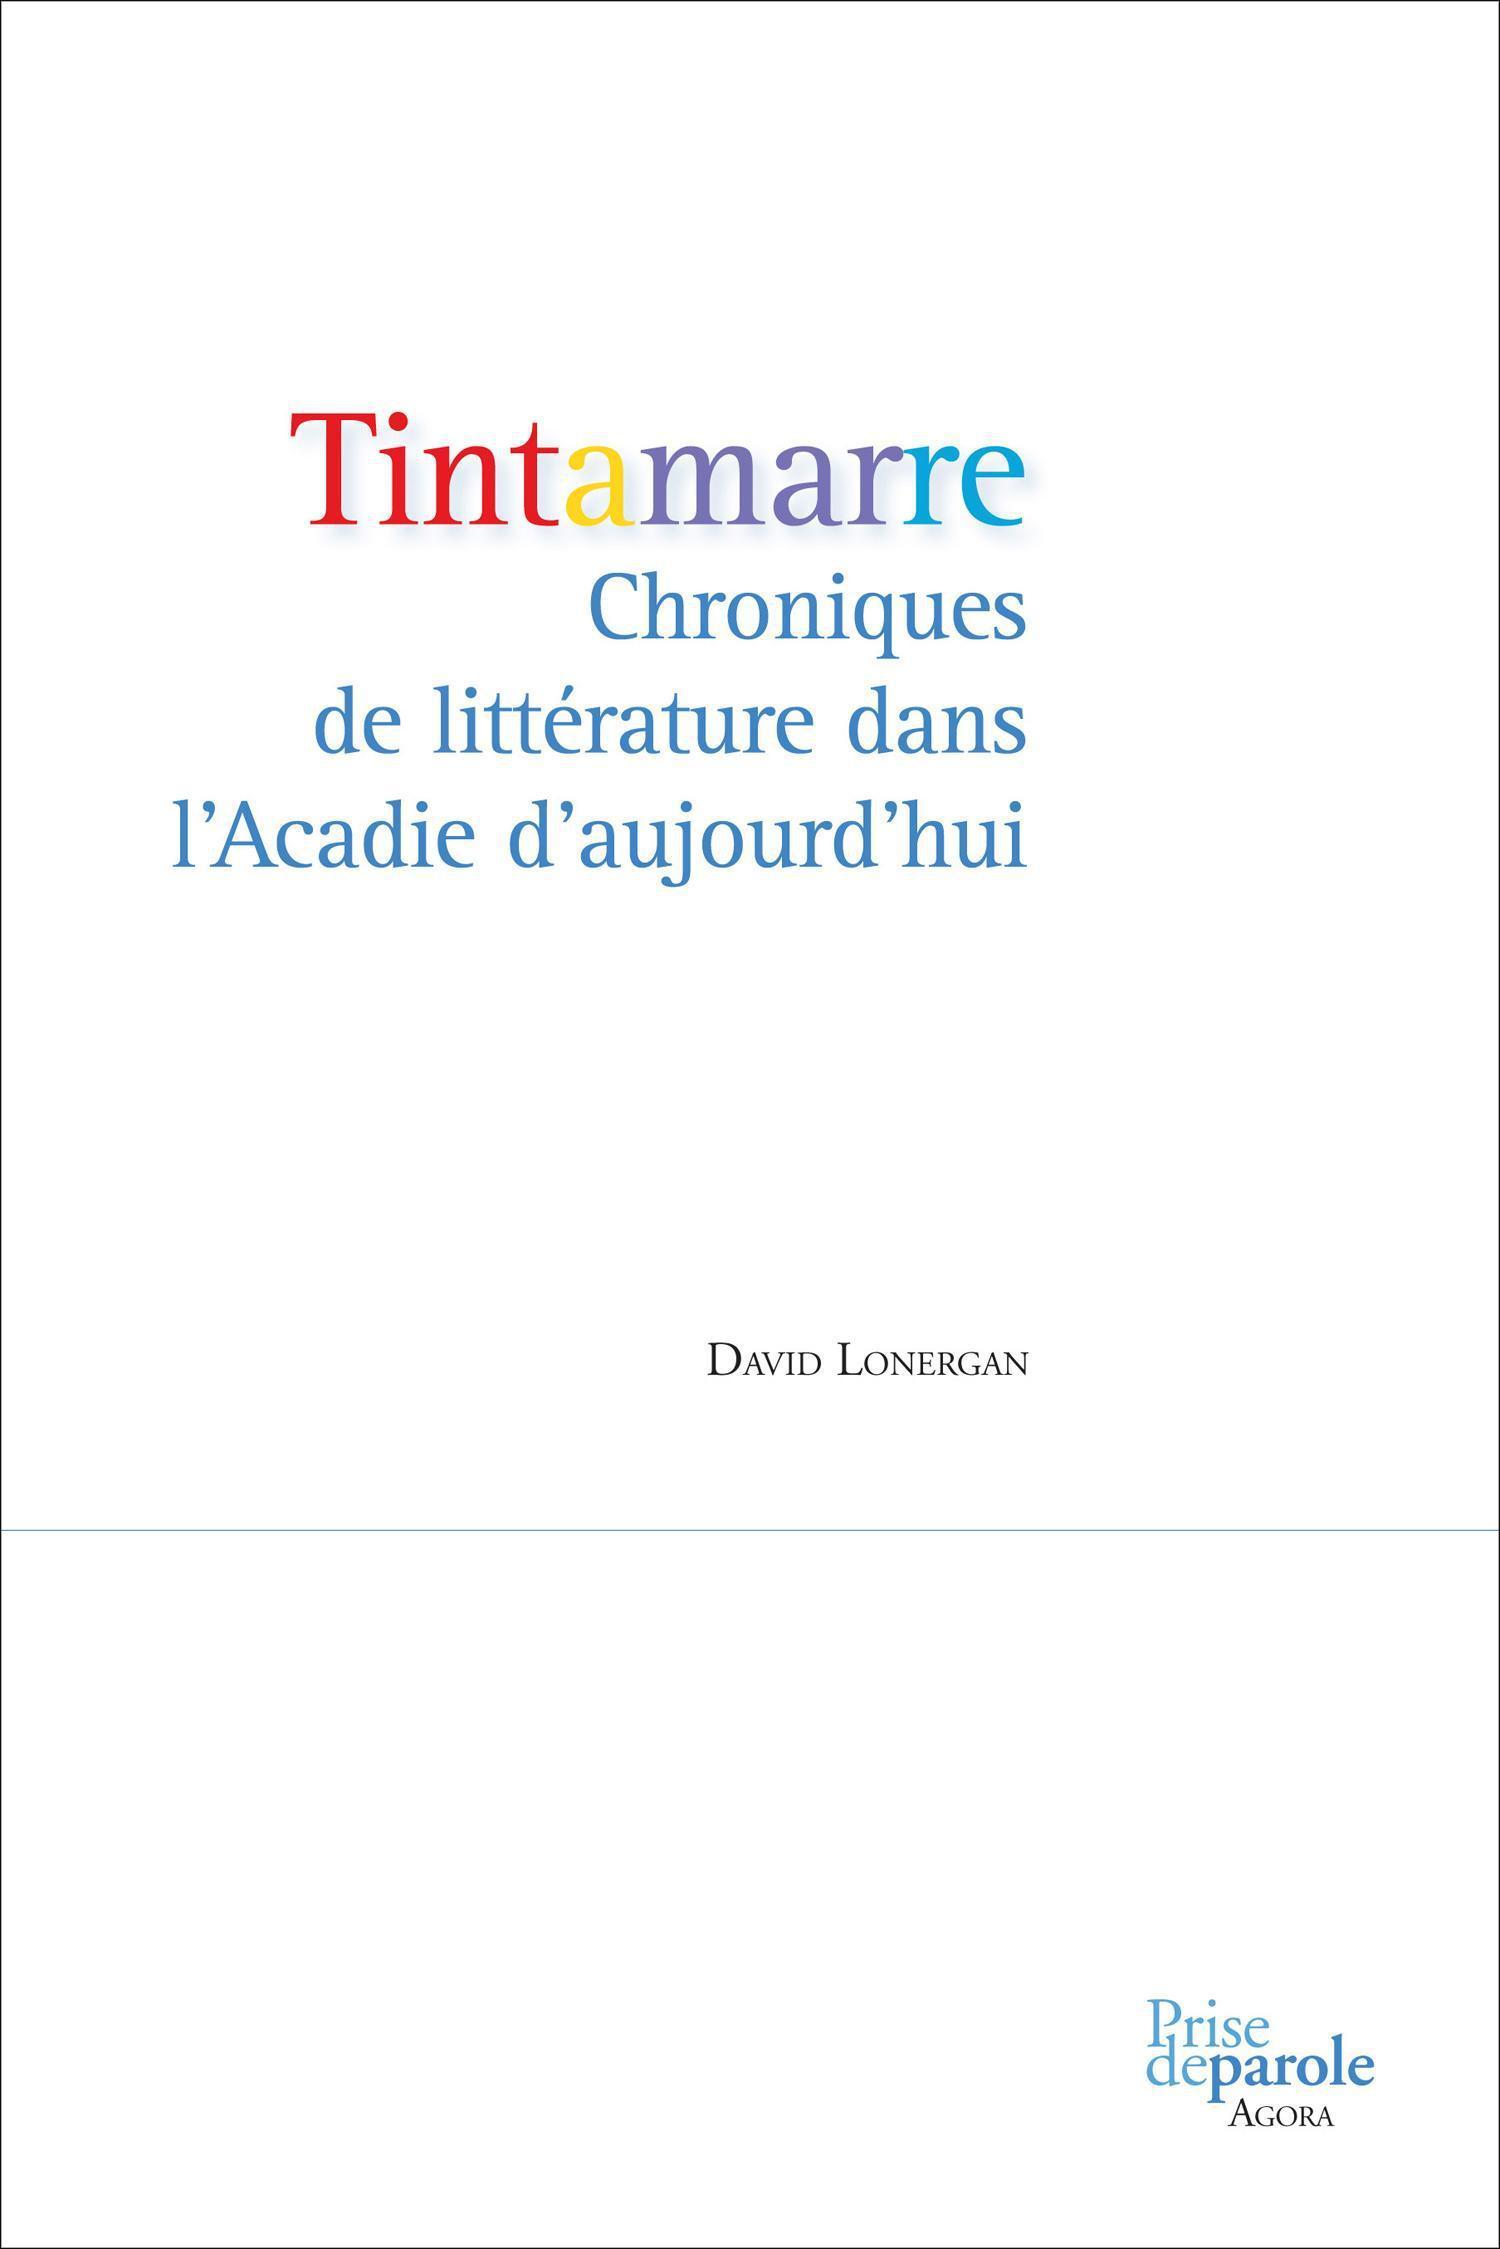 Tintamarre. Chroniques de littérature dans l'Acadie d'aujourd'hui